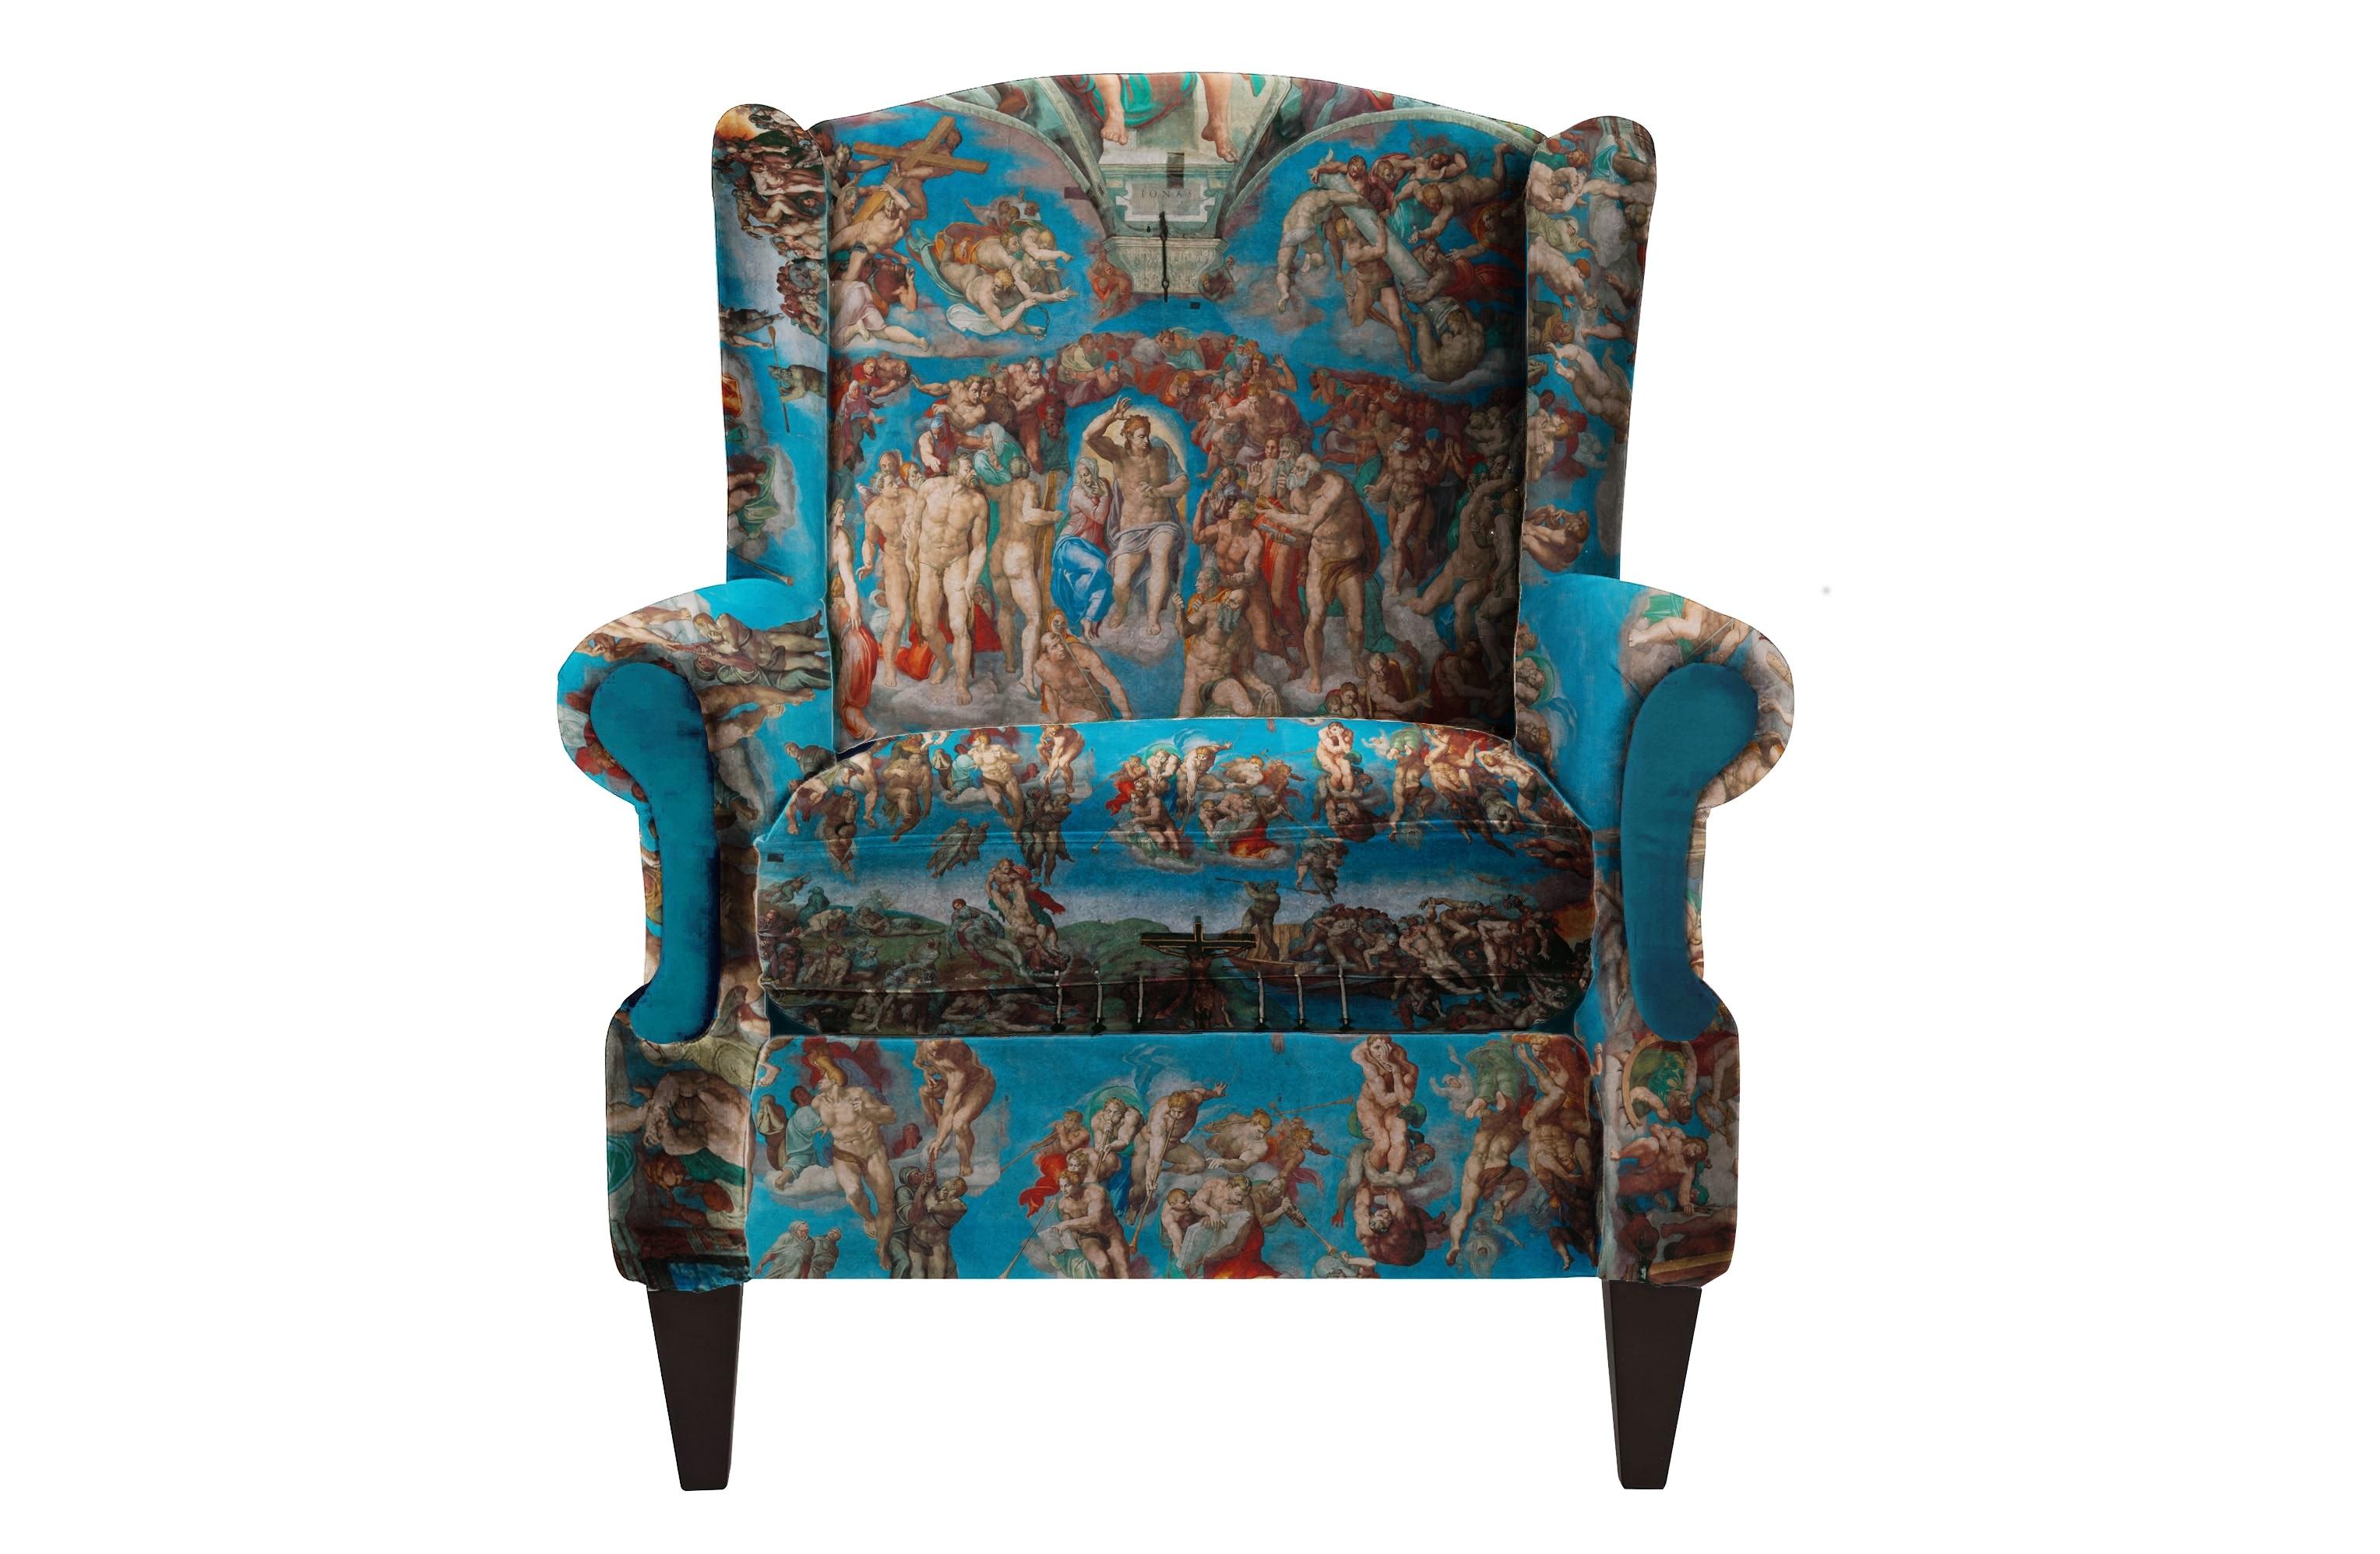 Кресло Giudizio universaleКресла с высокой спинкой<br>Уникальный дизайн. Кресло с принтом Великого Микеланджело .  Фреска  на алтарной стене Сикстинской капеллы в Ватикане. Художник работал над фреской четыре года — с 1537 по 1541. Микеланджело вернулся в Сикстинскую капеллу двадцать пять лет спустя после того, как завершил роспись её потолка. Масштабная фреска занимает всю стену позади алтаря Сикстинской капеллы. Темой её стало второе пришествие Христа и апокалипсис. «Страшный суд» считается произведением, завершившим в искусстве эпоху Возрождения, которой сам Микеланджело отдал дань в росписи потолка и сводов Сикстинской капеллы, и открывшим новый период разочарования в философии антропоцентрического гуманизма. Произвдено из экологически чистых материалов. Каркас и ножки  - дуб. Модель представлена в ткани микровелюр – мягкий, бархатистый материал, широко используемый в качестве обивки для мебели. Обладает целым рядом замечательных свойств: отлично пропускает воздух, отталкивает пыль и долго сохраняет изначальный цвет, не протираясь и не выцветая. Высокие эксплуатационные свойства в сочетании с превосходным дизайном обеспечили микровелюру большую популярность.&amp;lt;div&amp;gt;&amp;lt;br&amp;gt;&amp;lt;/div&amp;gt;&amp;lt;div&amp;gt;&amp;lt;div&amp;gt;По желанию возможность выбрать ткань из других коллекций.&amp;lt;/div&amp;gt;&amp;lt;div&amp;gt;Гарантия от производителя 1 год.&amp;lt;/div&amp;gt;&amp;lt;div&amp;gt;Продукция изготавливается под заказ, стандартный срок производства 3-4 недели. Более точную информацию уточняйте у менеджера.&amp;lt;/div&amp;gt;&amp;lt;/div&amp;gt;<br><br>Material: Текстиль<br>Ширина см: 82<br>Высота см: 98<br>Глубина см: 88